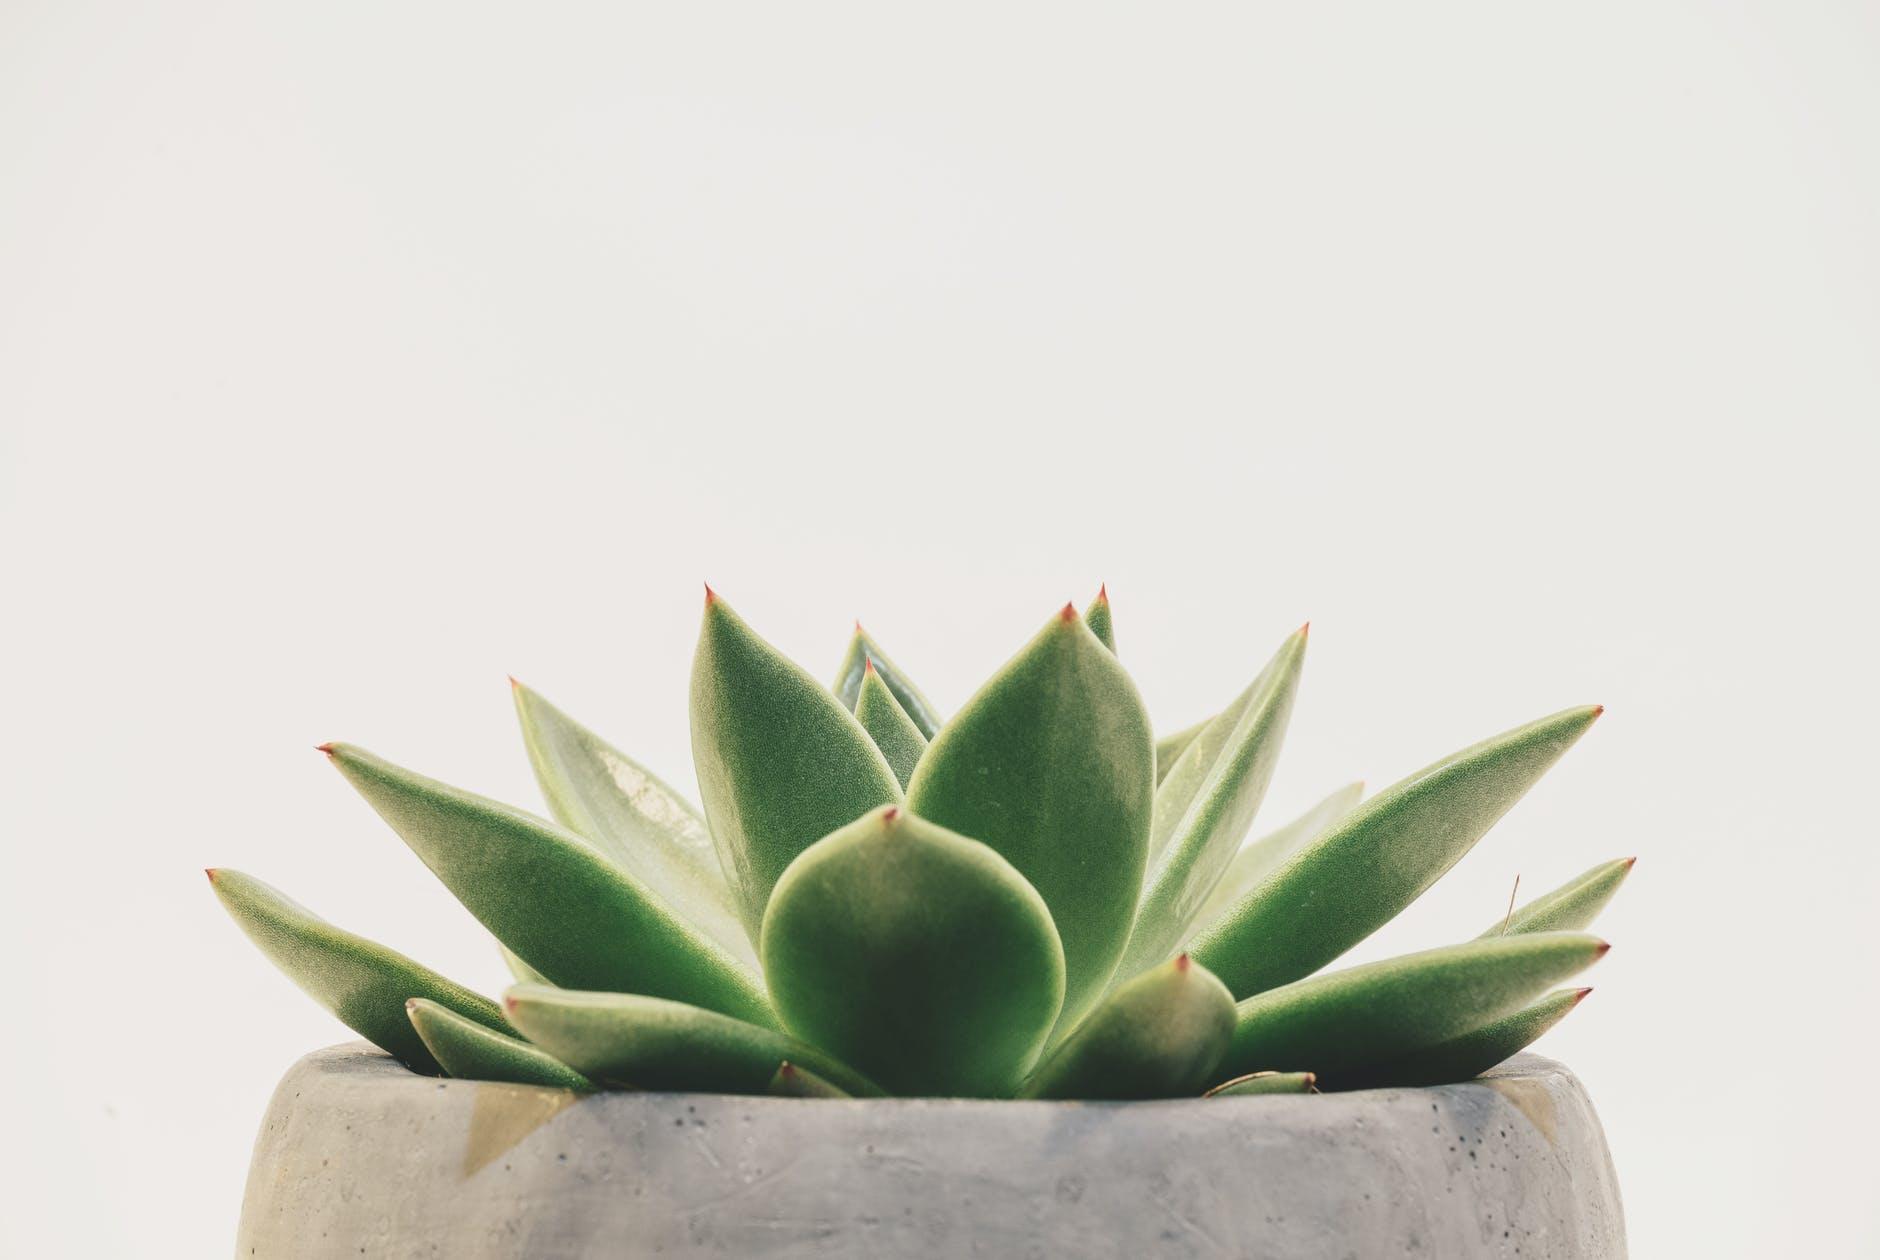 green succulent plant plante verte plante d'intérieur Sojungle decoration